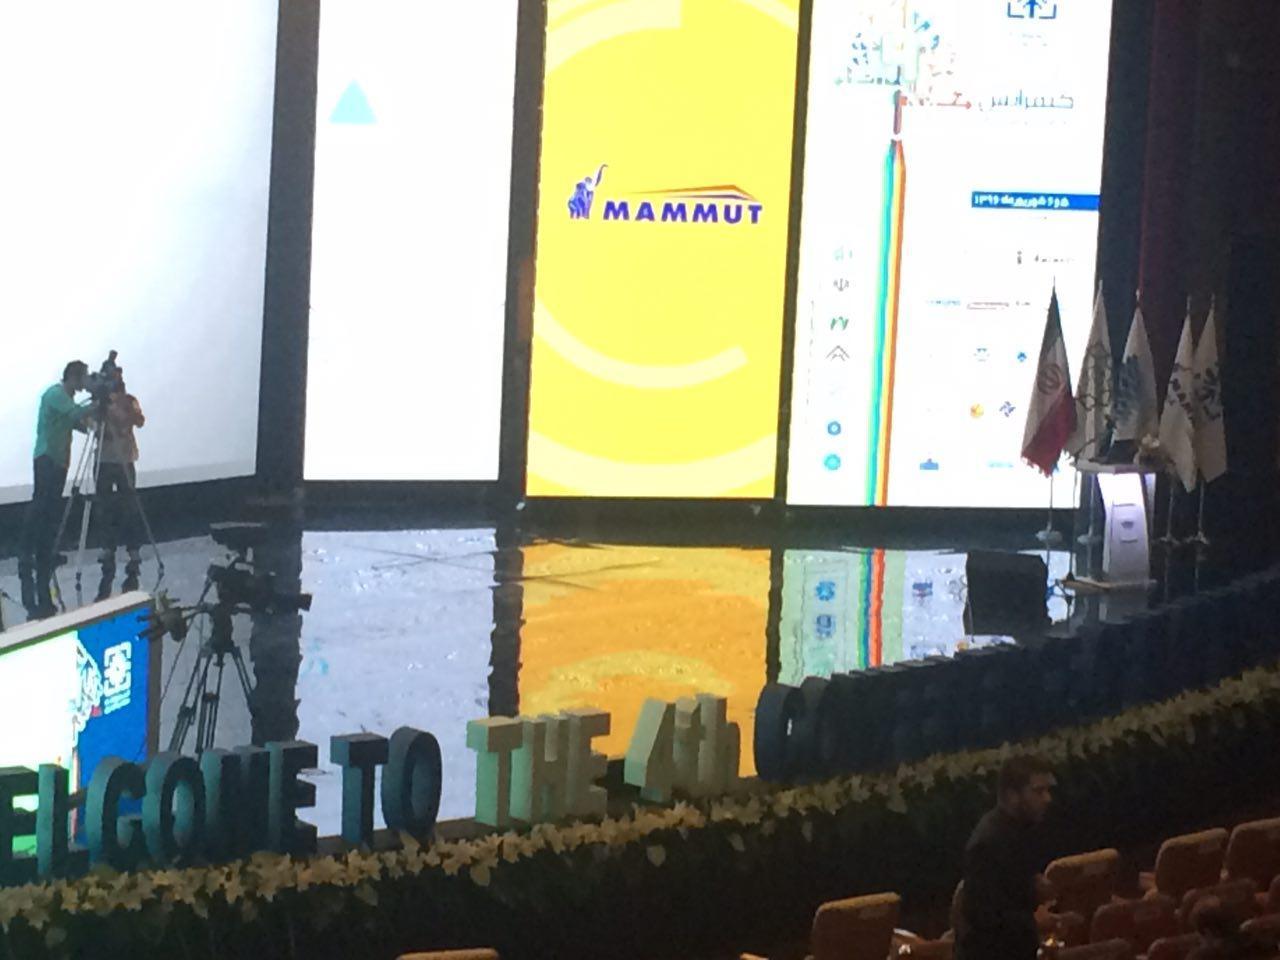 بهمن دیزل در چهارمین کنفرانس صنعت پخش ایران حاضر شد